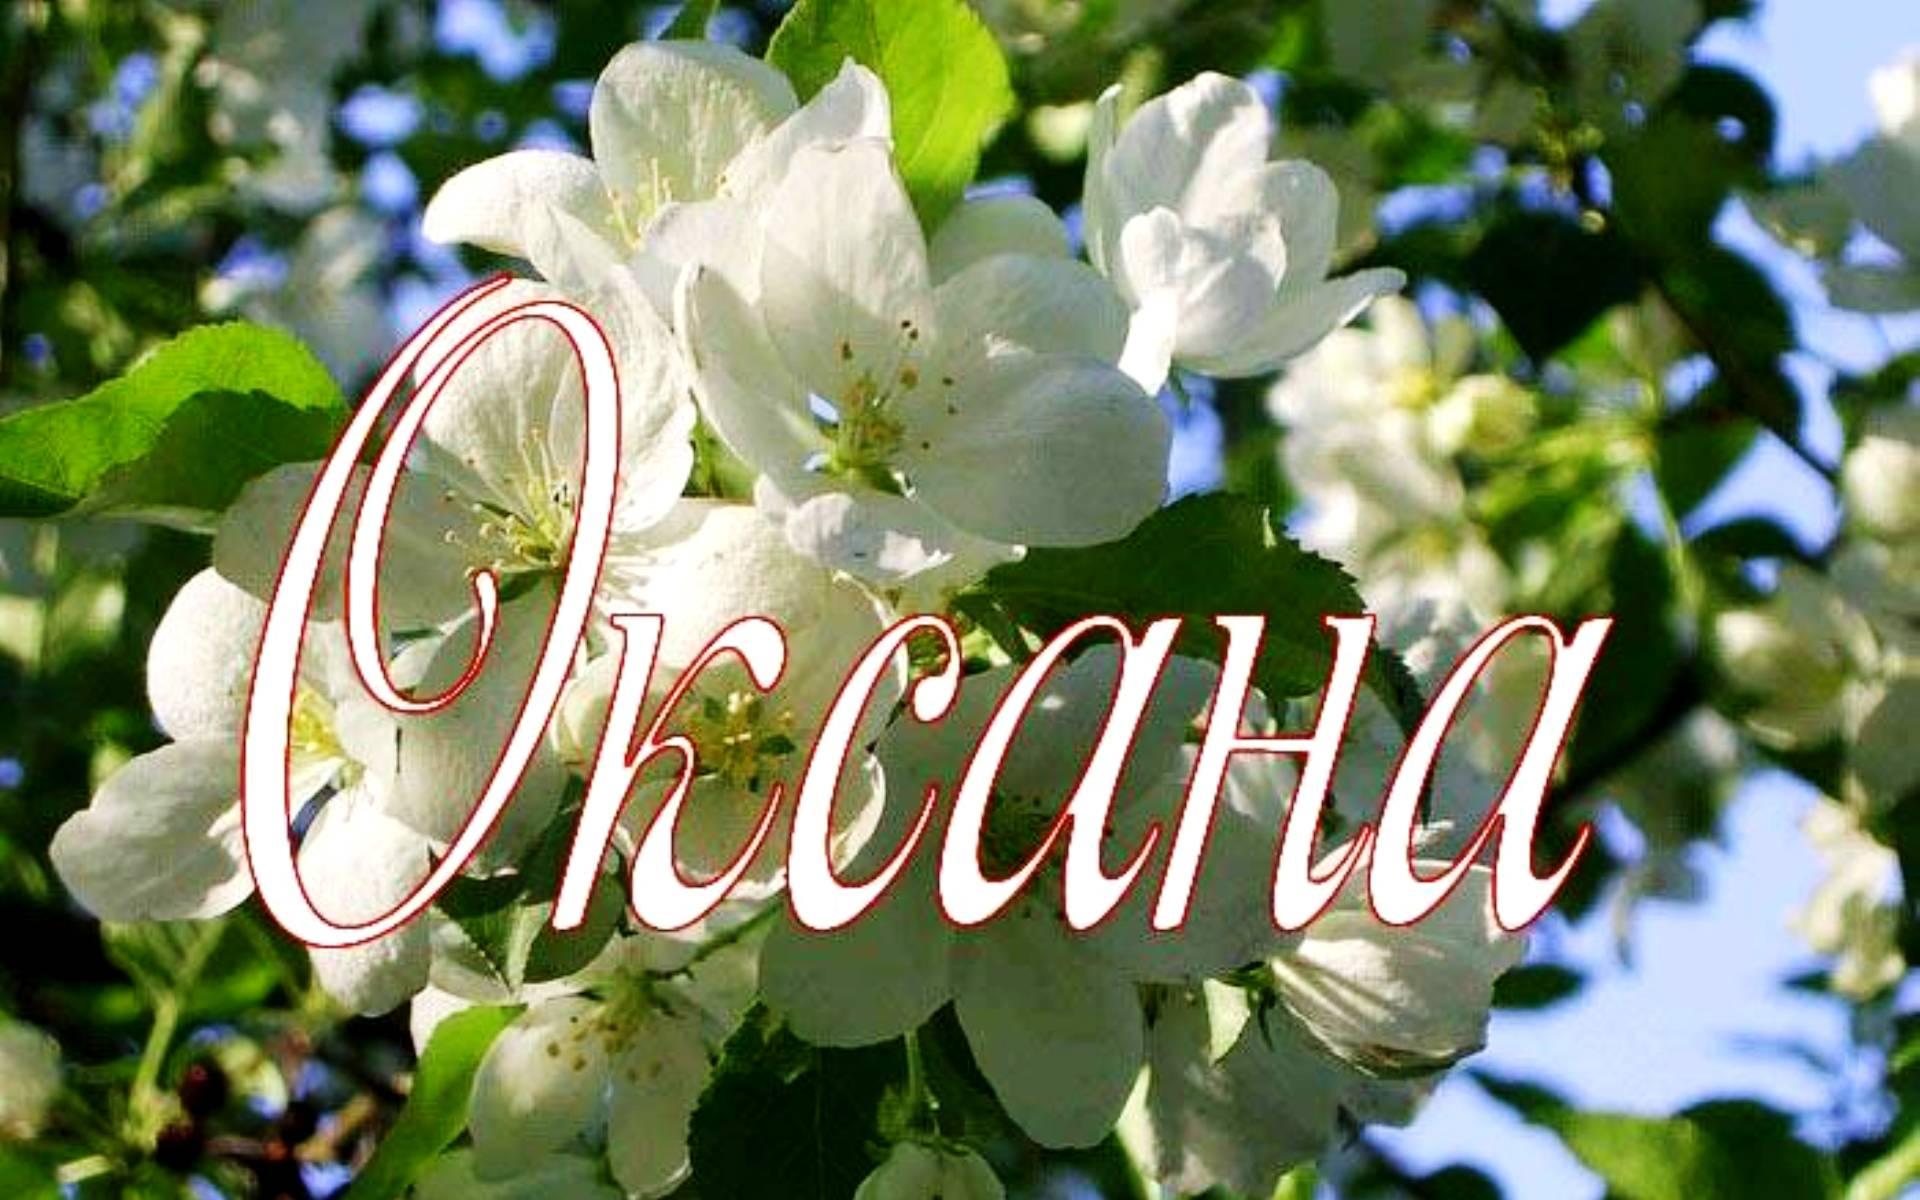 Имя означающее чудо или подарок